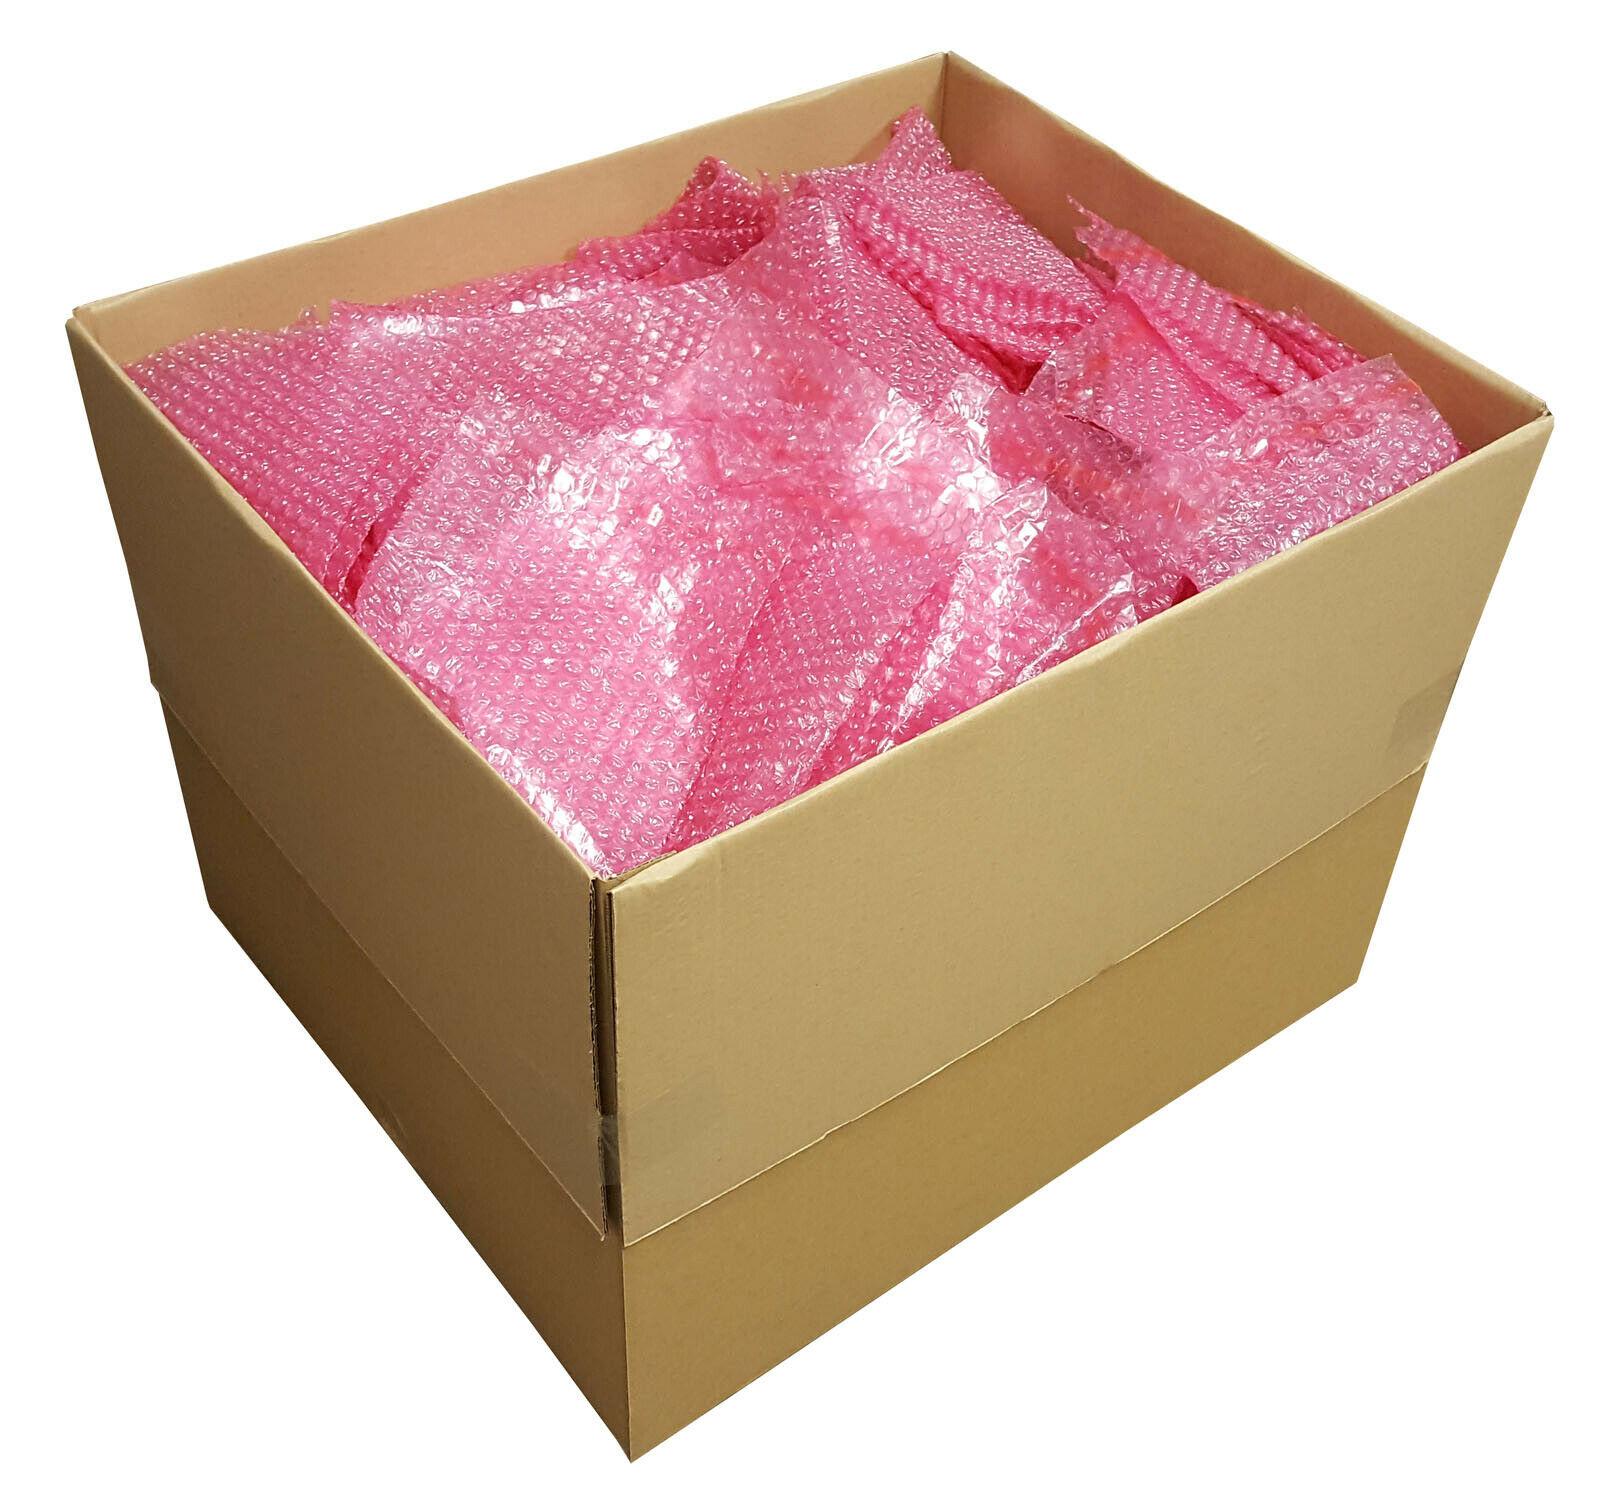 280mm x 375mm ASBP5 Jiffy Anti Static Bubble Bags Peel Seal Strip Qty 150 133068812530 - 280mm x 375mm ASBP5 Jiffy Anti Static Bubble Bags Peel Seal Strip Qty 150